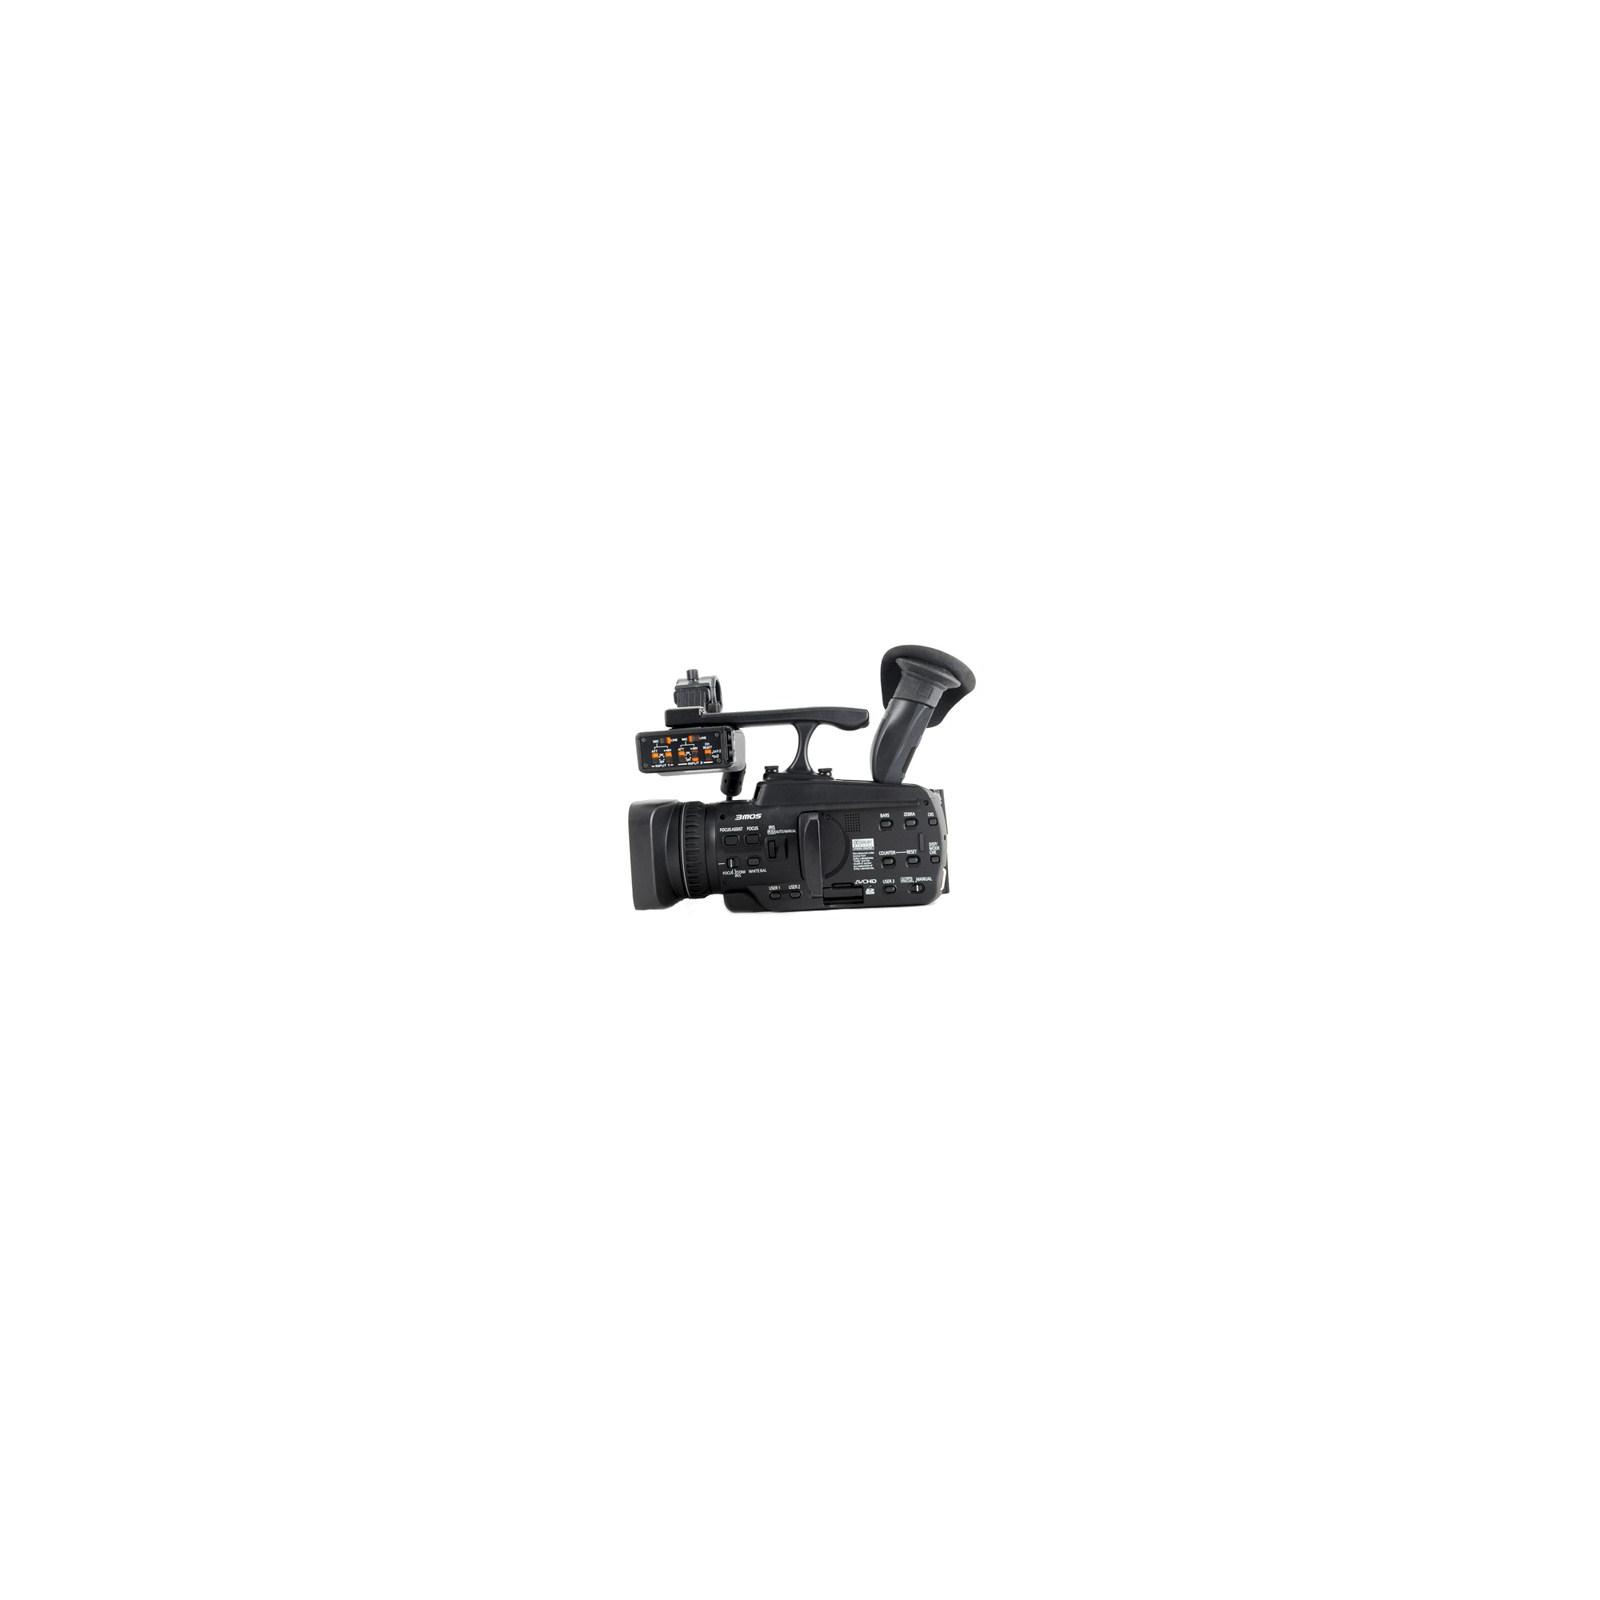 Цифровая видеокамера PANASONIC AG-HMC-41 изображение 2